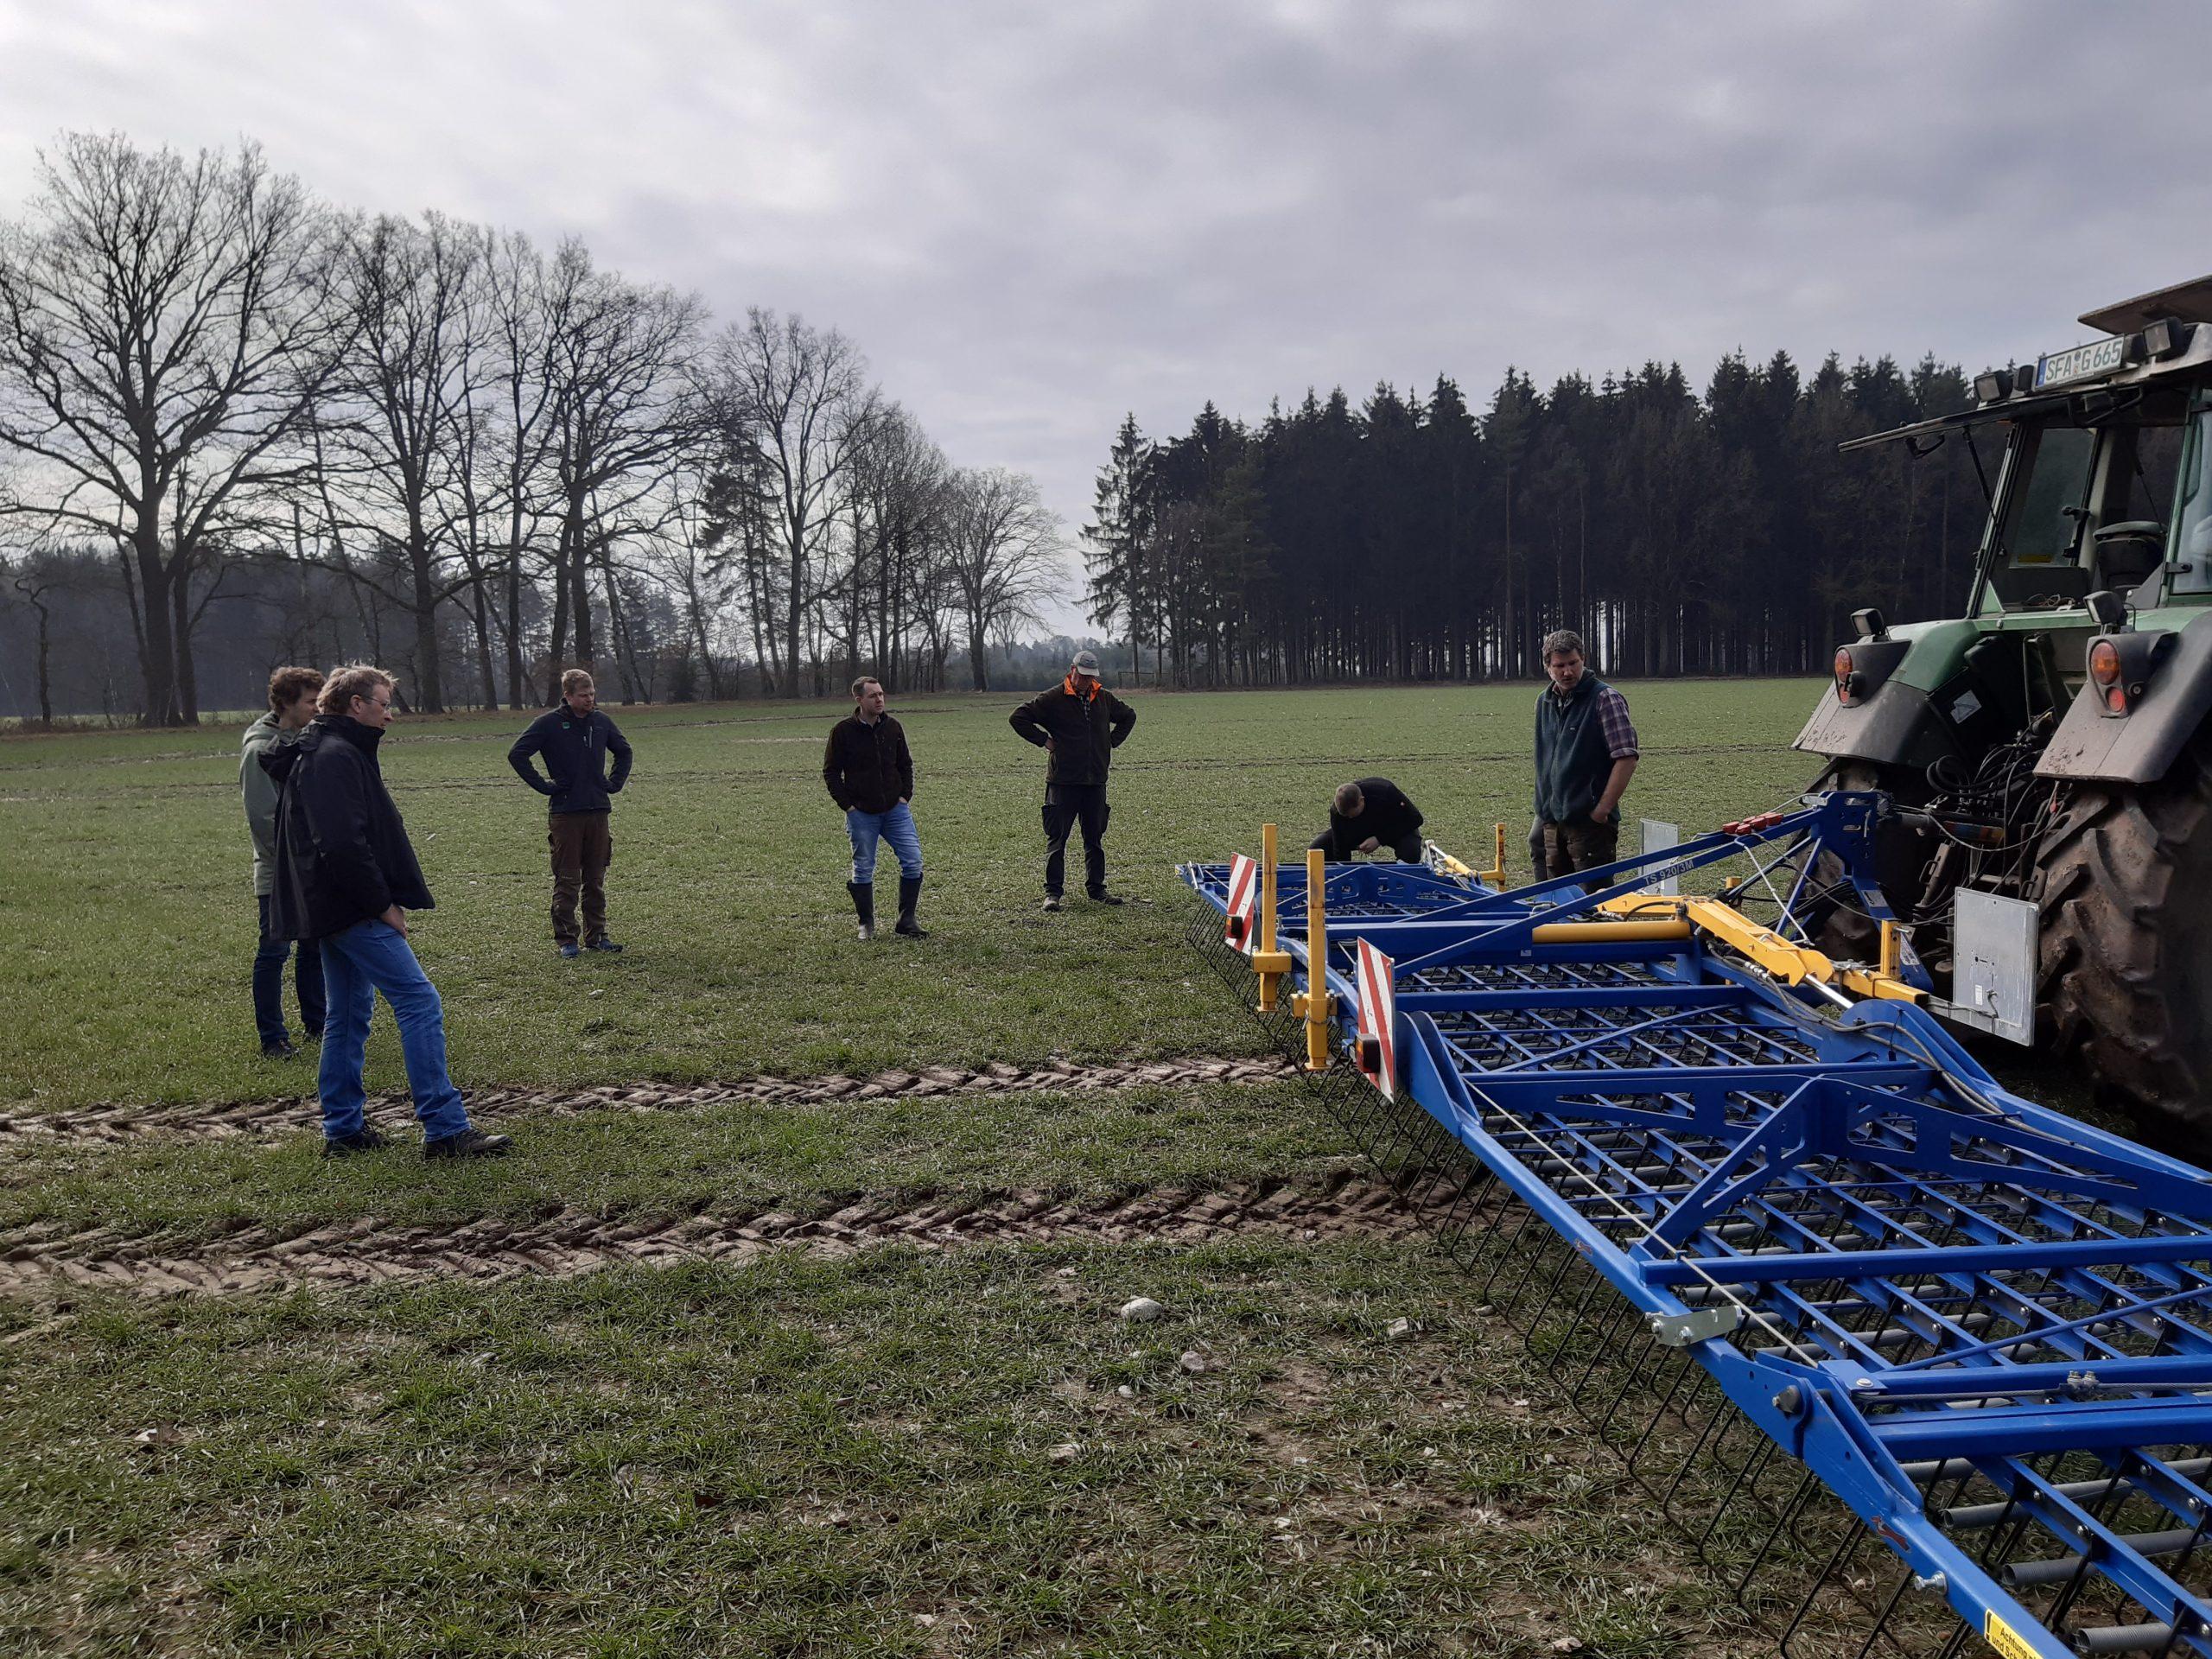 Betriebsleiterpaar Meyer • Meyerhoff und Ackerbauberater 25.03.2021, Foto: KÖN